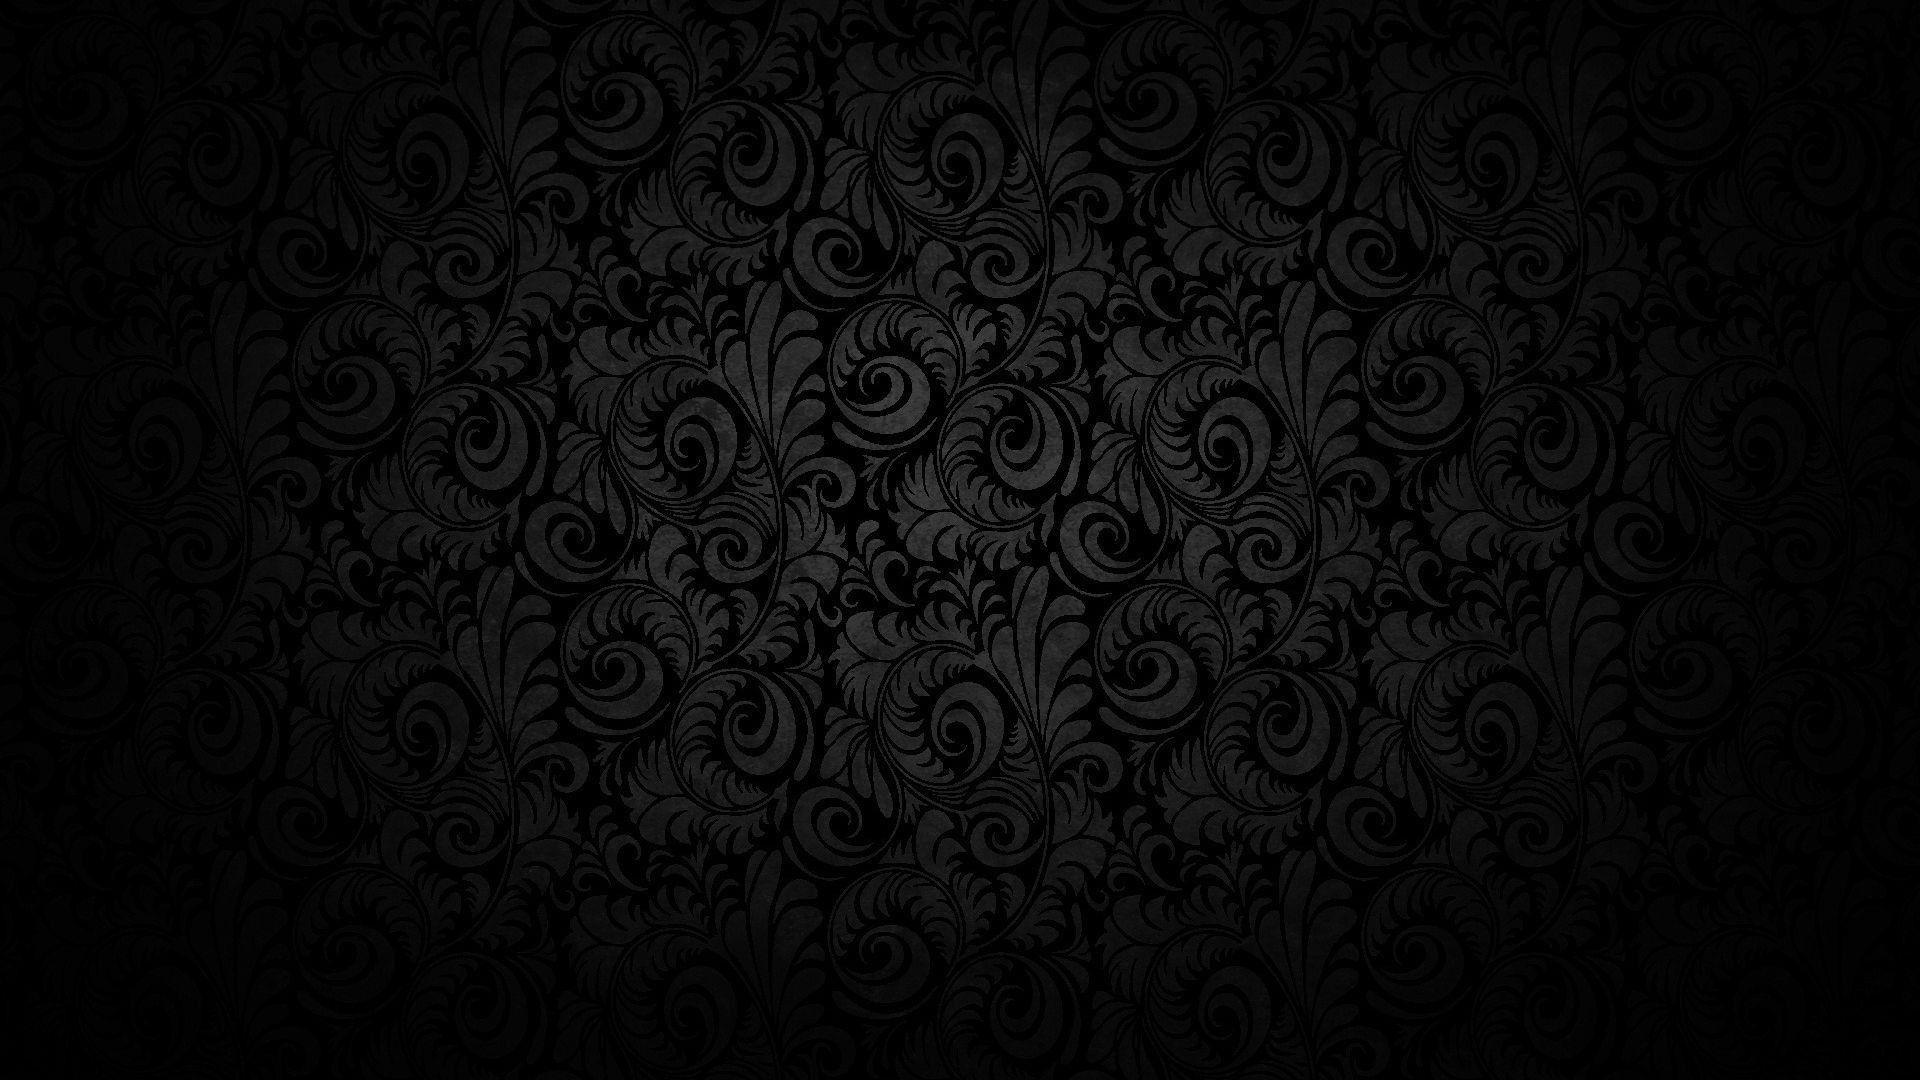 Black Abstract Image Velvet Wallpaper Black Wallpaper Black Abstract